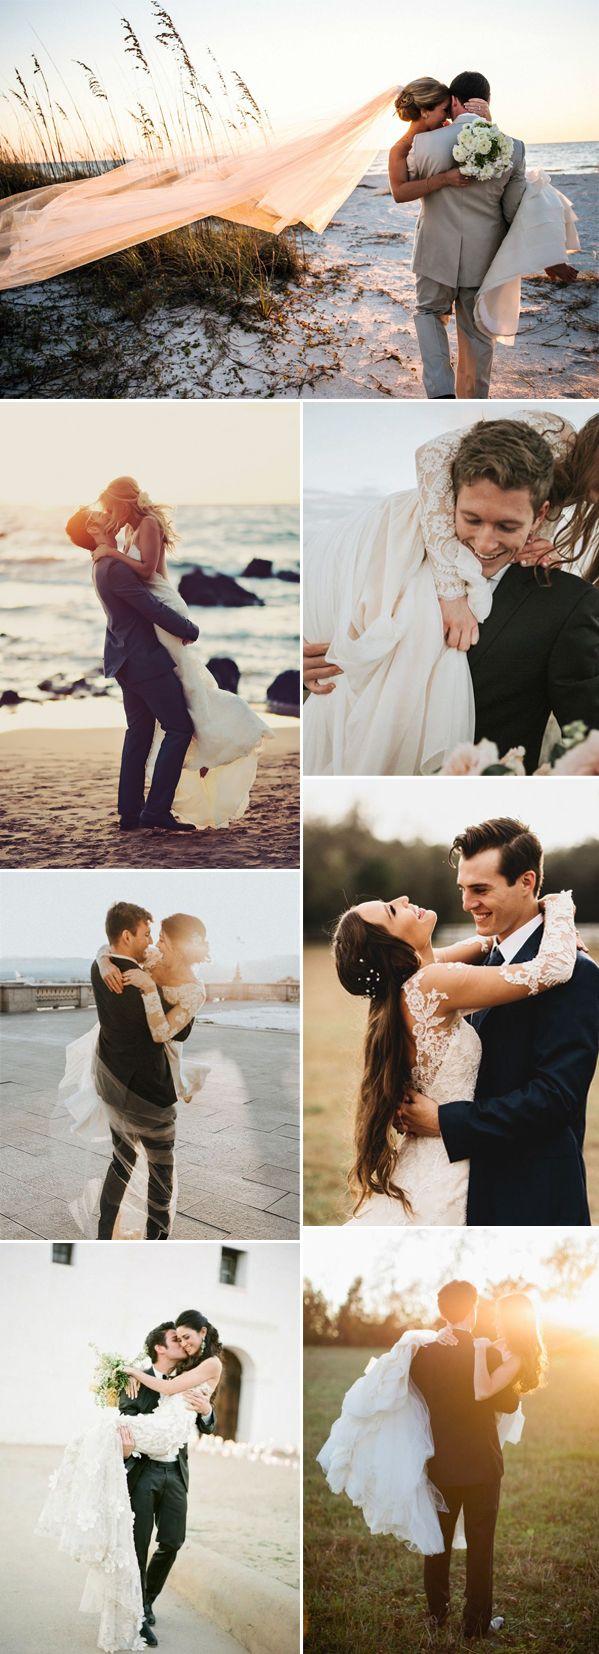 37 elegante Hochzeitsfotos, mit denen Sie heiraten möchten